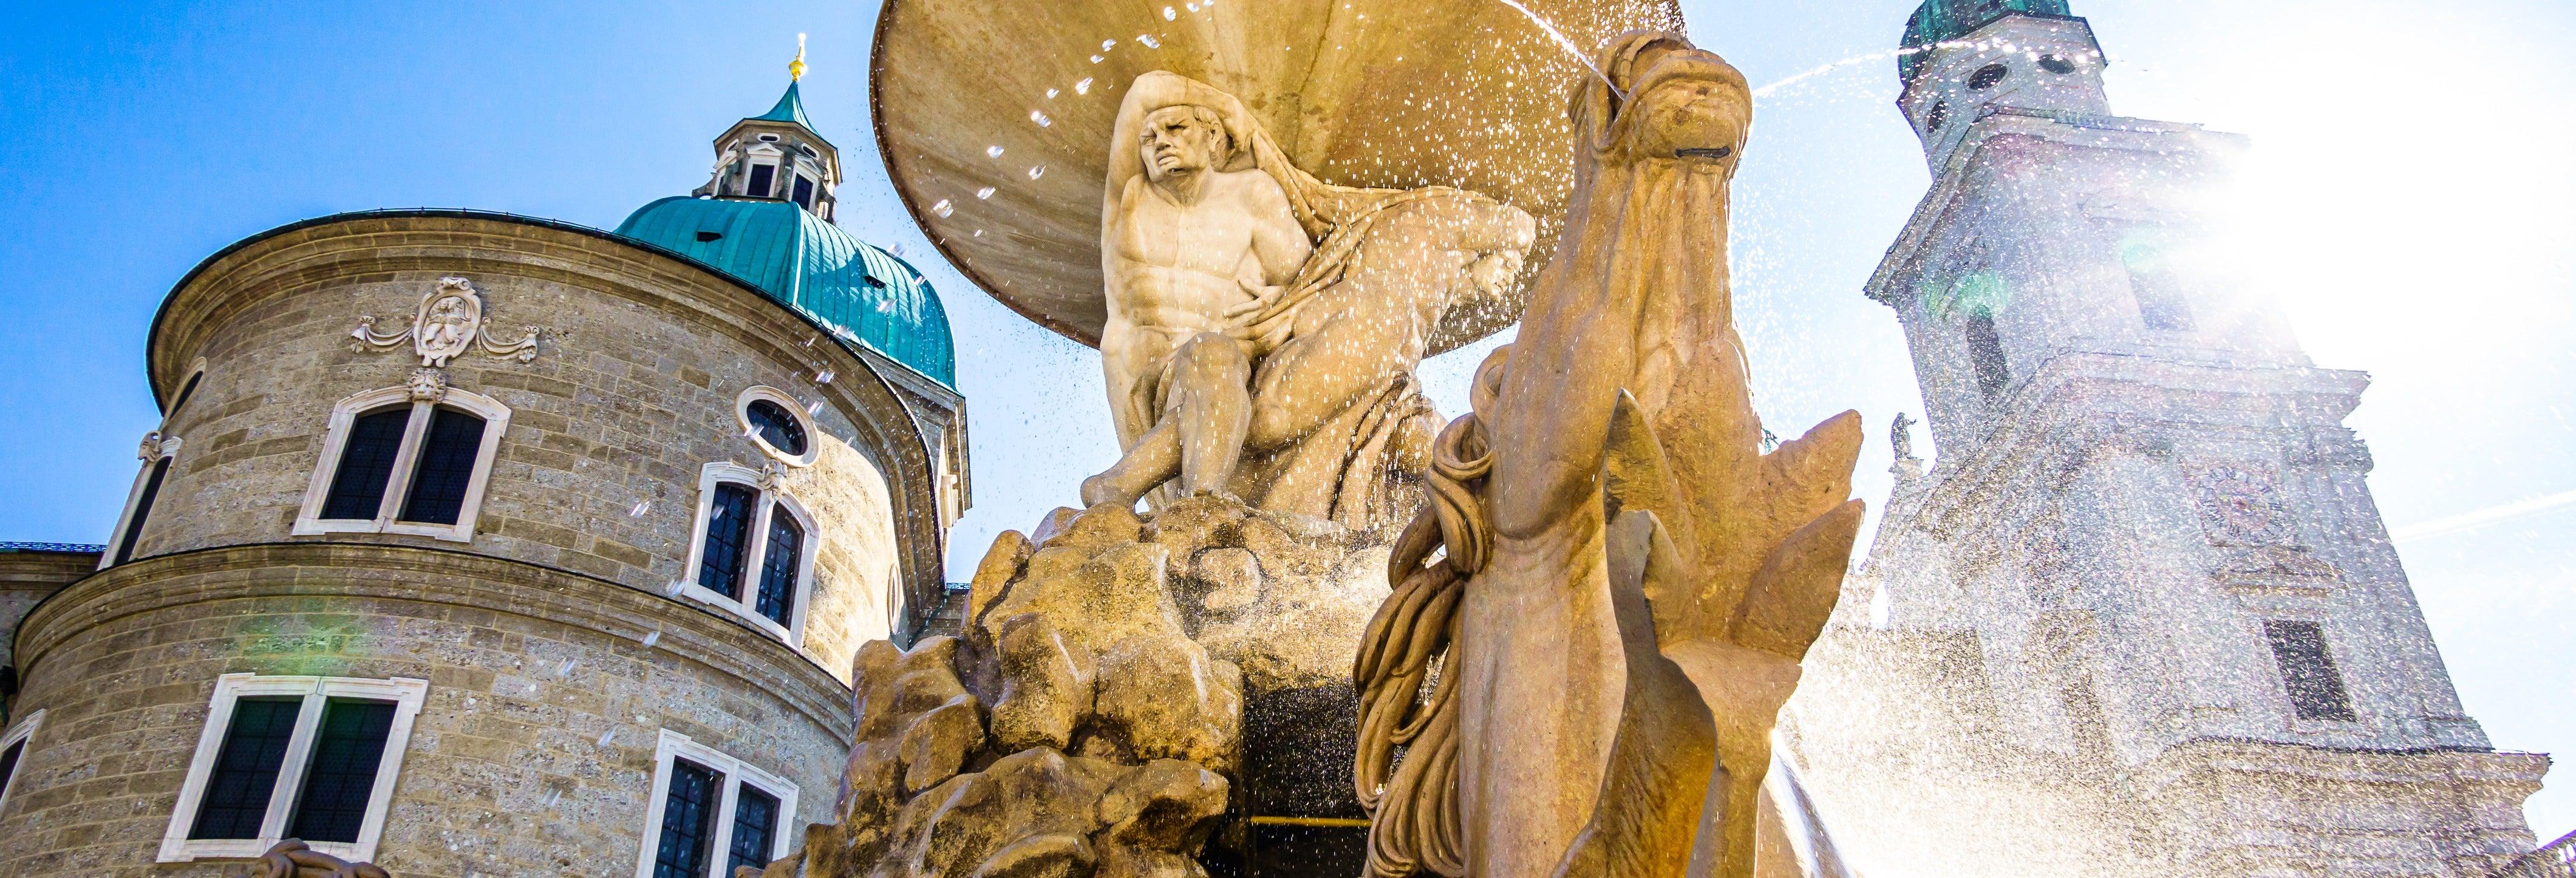 Excursión a Salzburgo